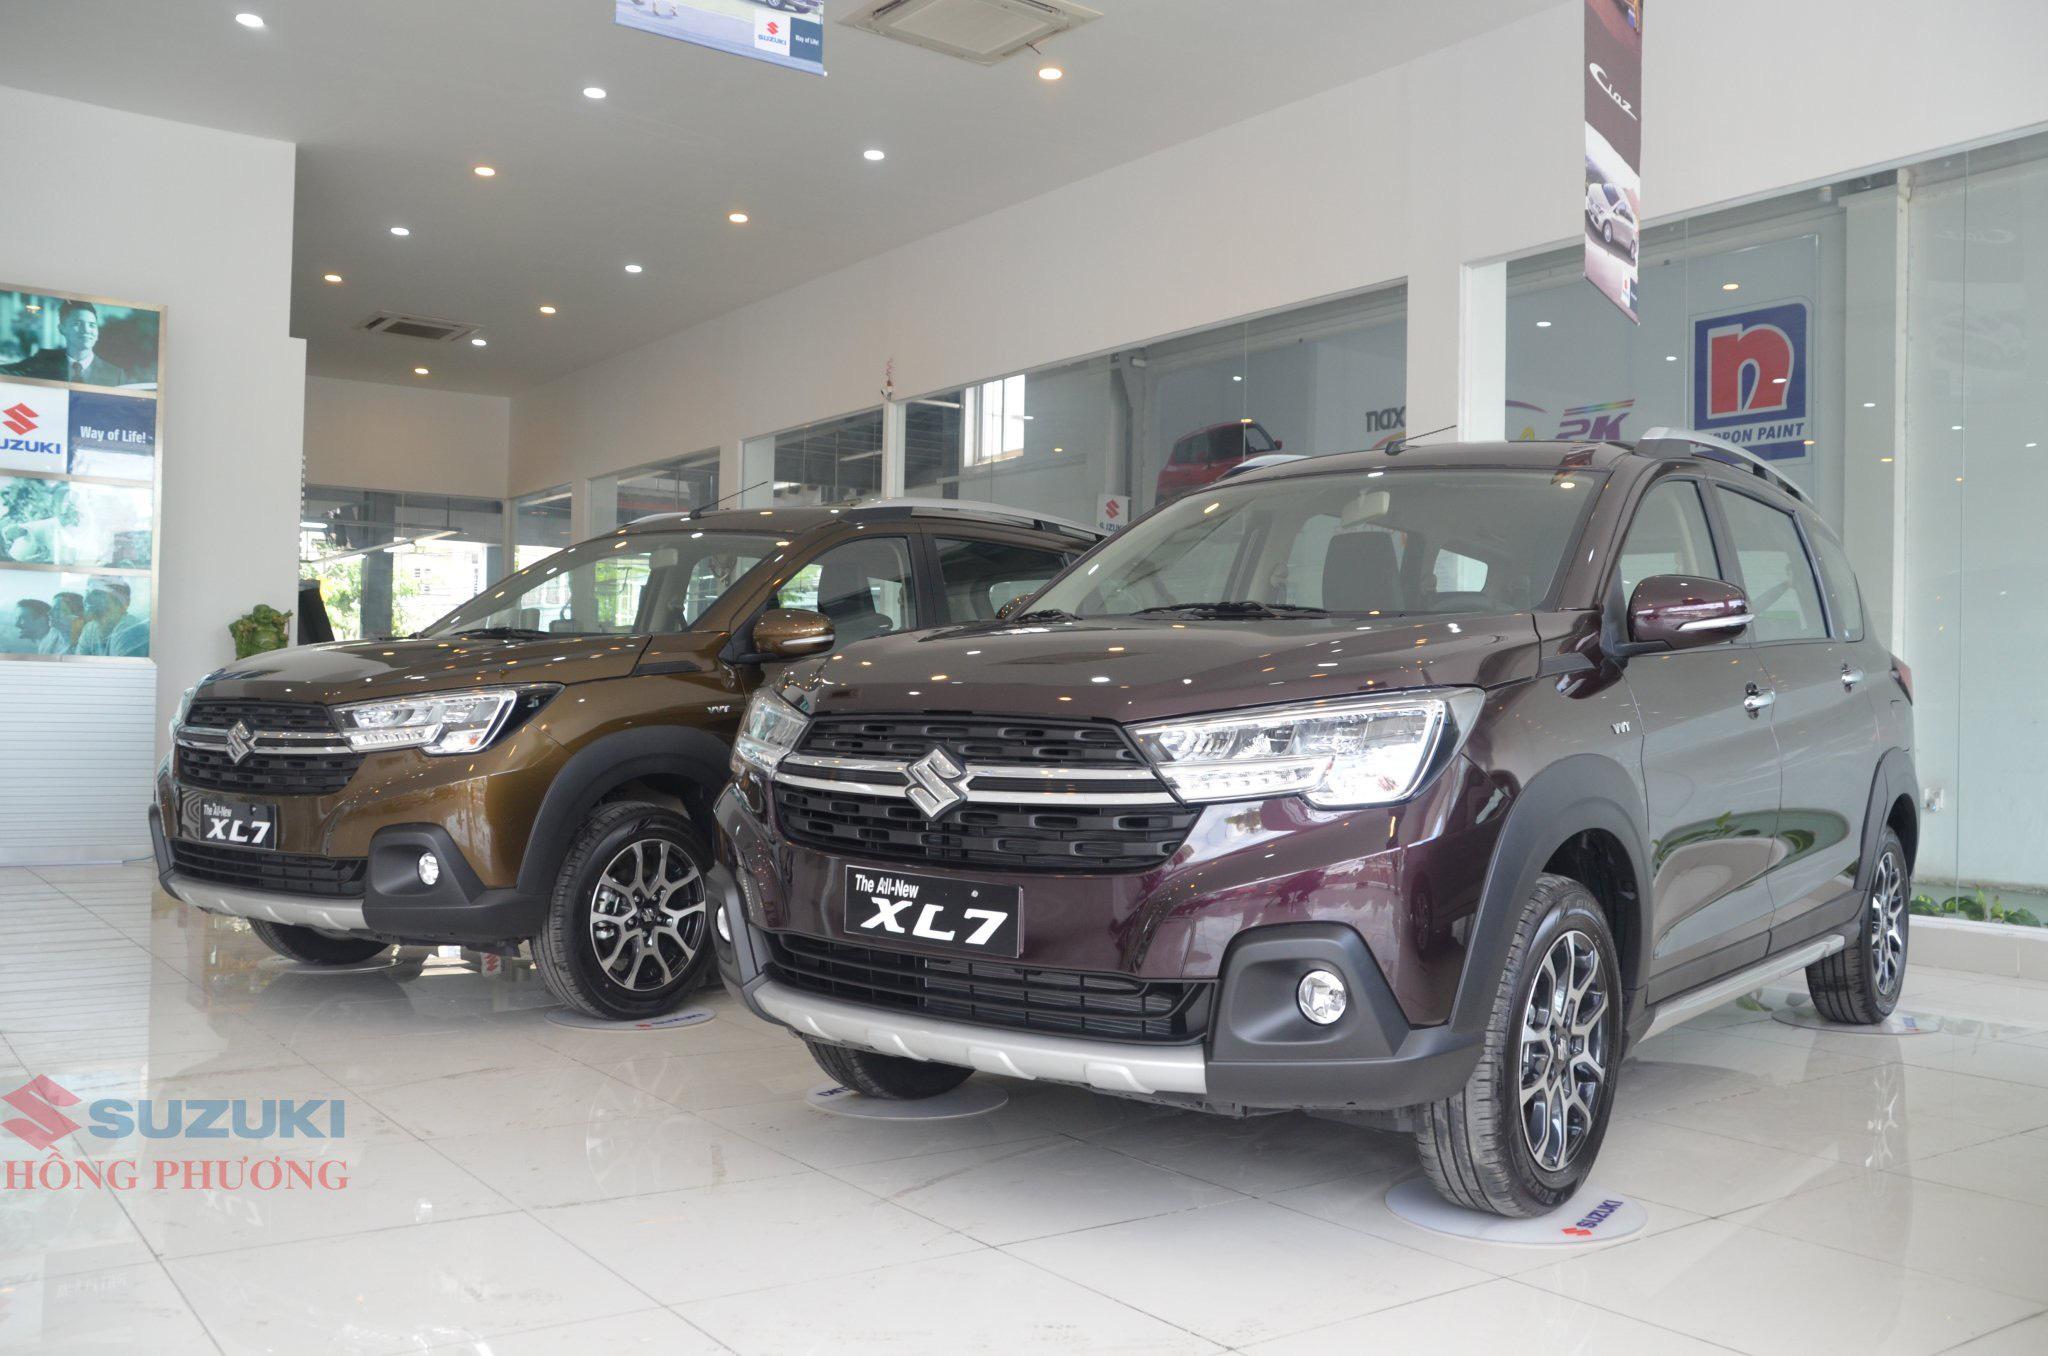 Doanh số Suzuki XL7 tăng trưởng đáng kể trong tháng 08/2020.